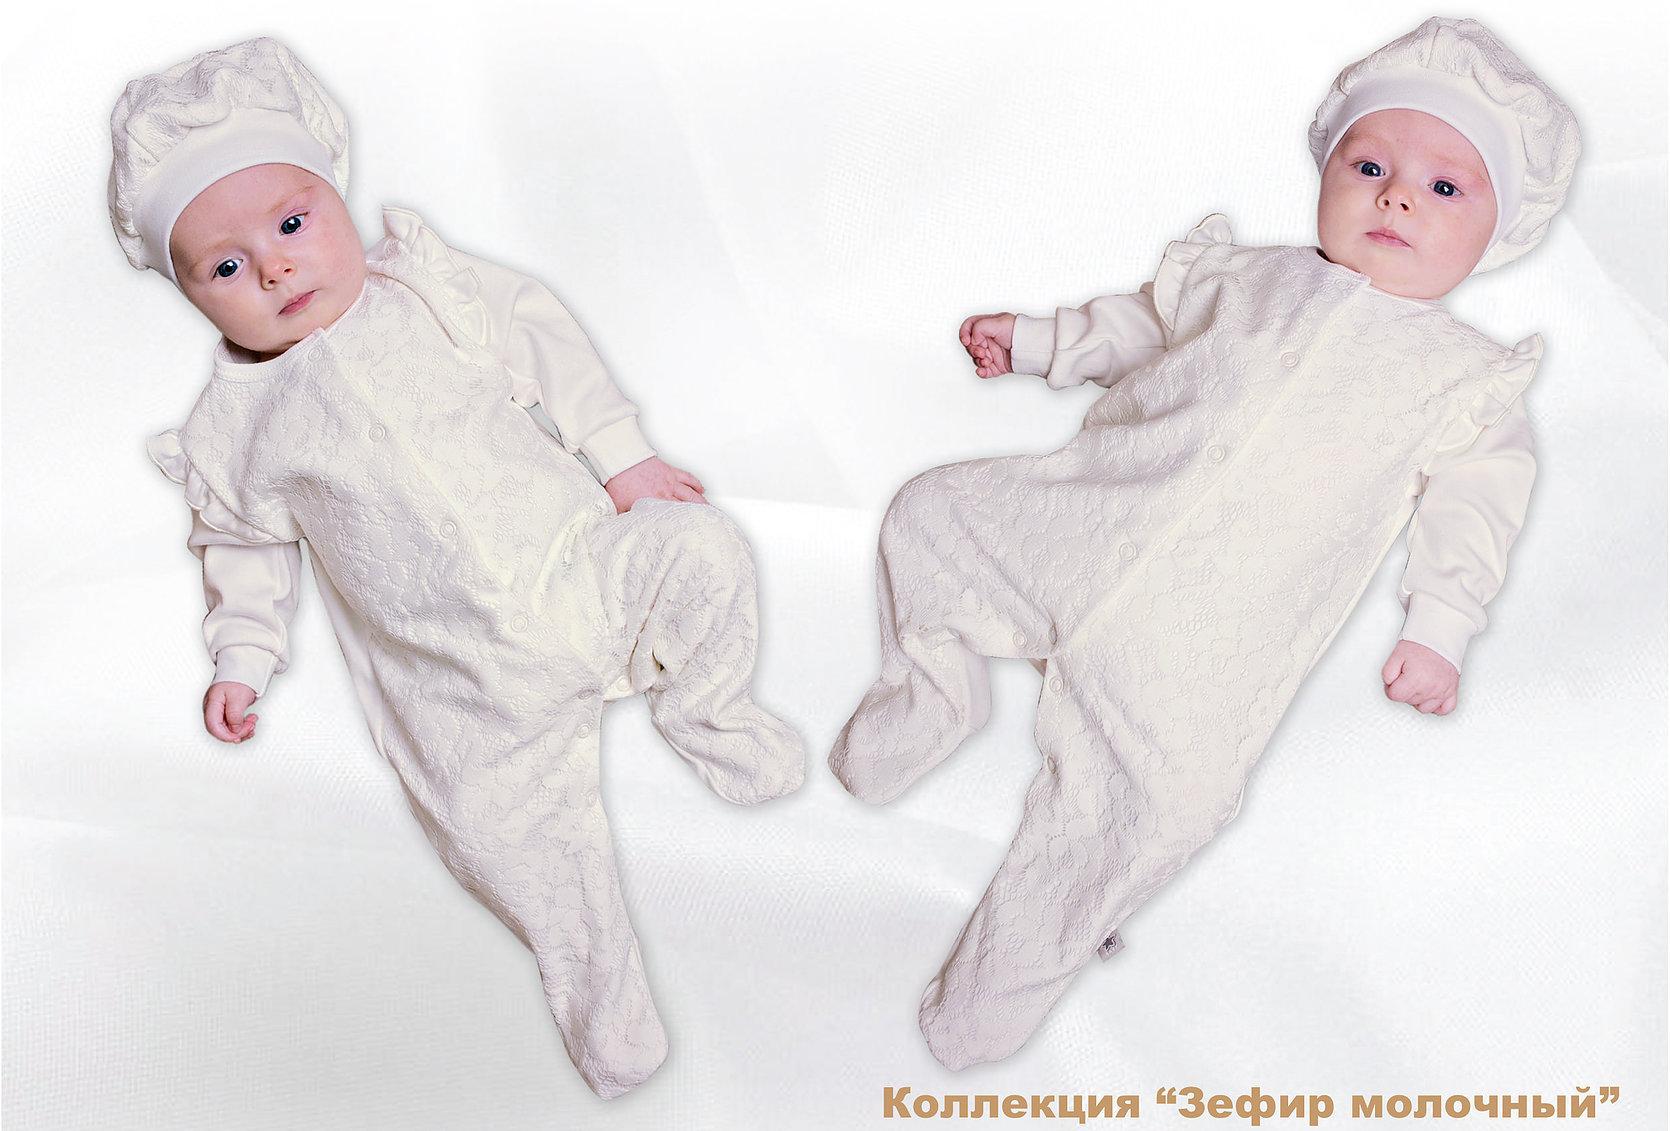 Сбор заказов. Одежда для малышей от рождения до 2-х лет производства (TM) Зиронька. Яркая, красивая, стильная авторская одежда для детей, высокого качества и по супер конкурентноспособной цене! Без рядов!